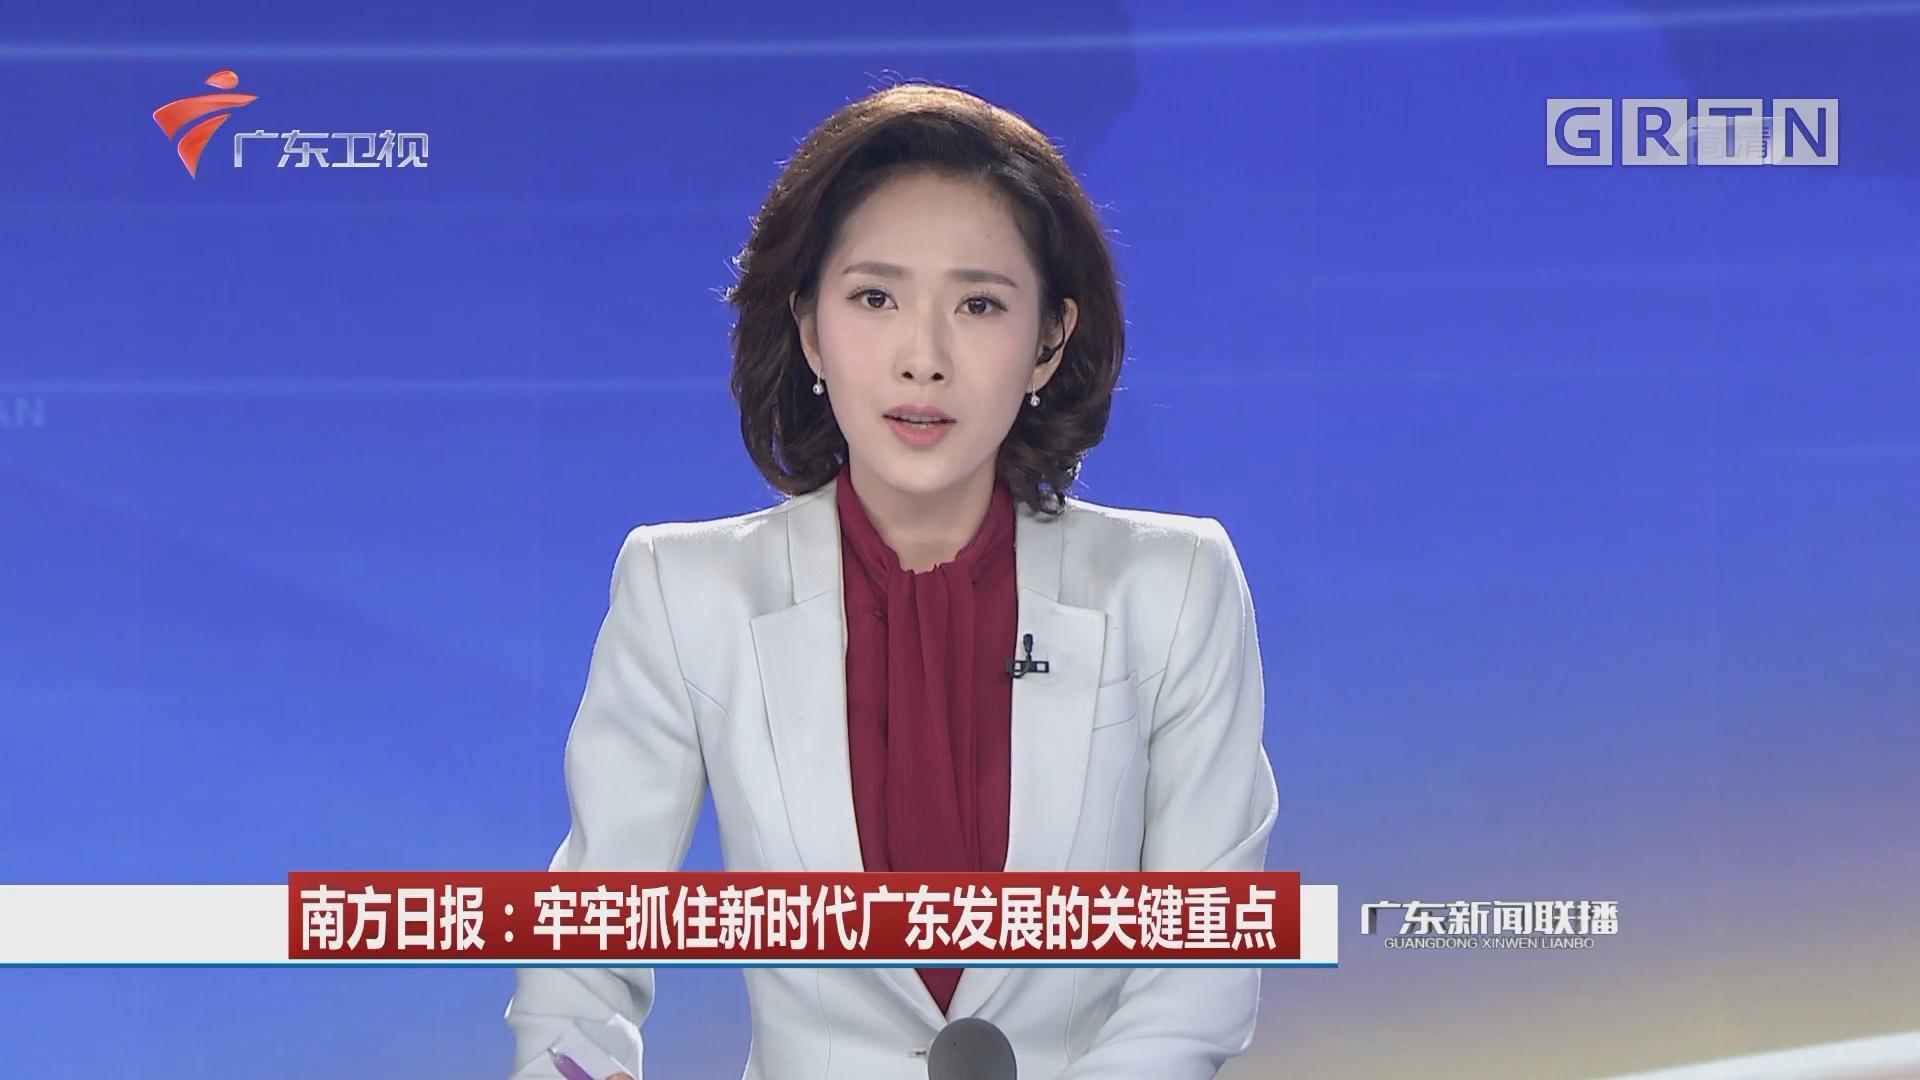 南方日报:牢牢抓住新时代广东发展的关键重点